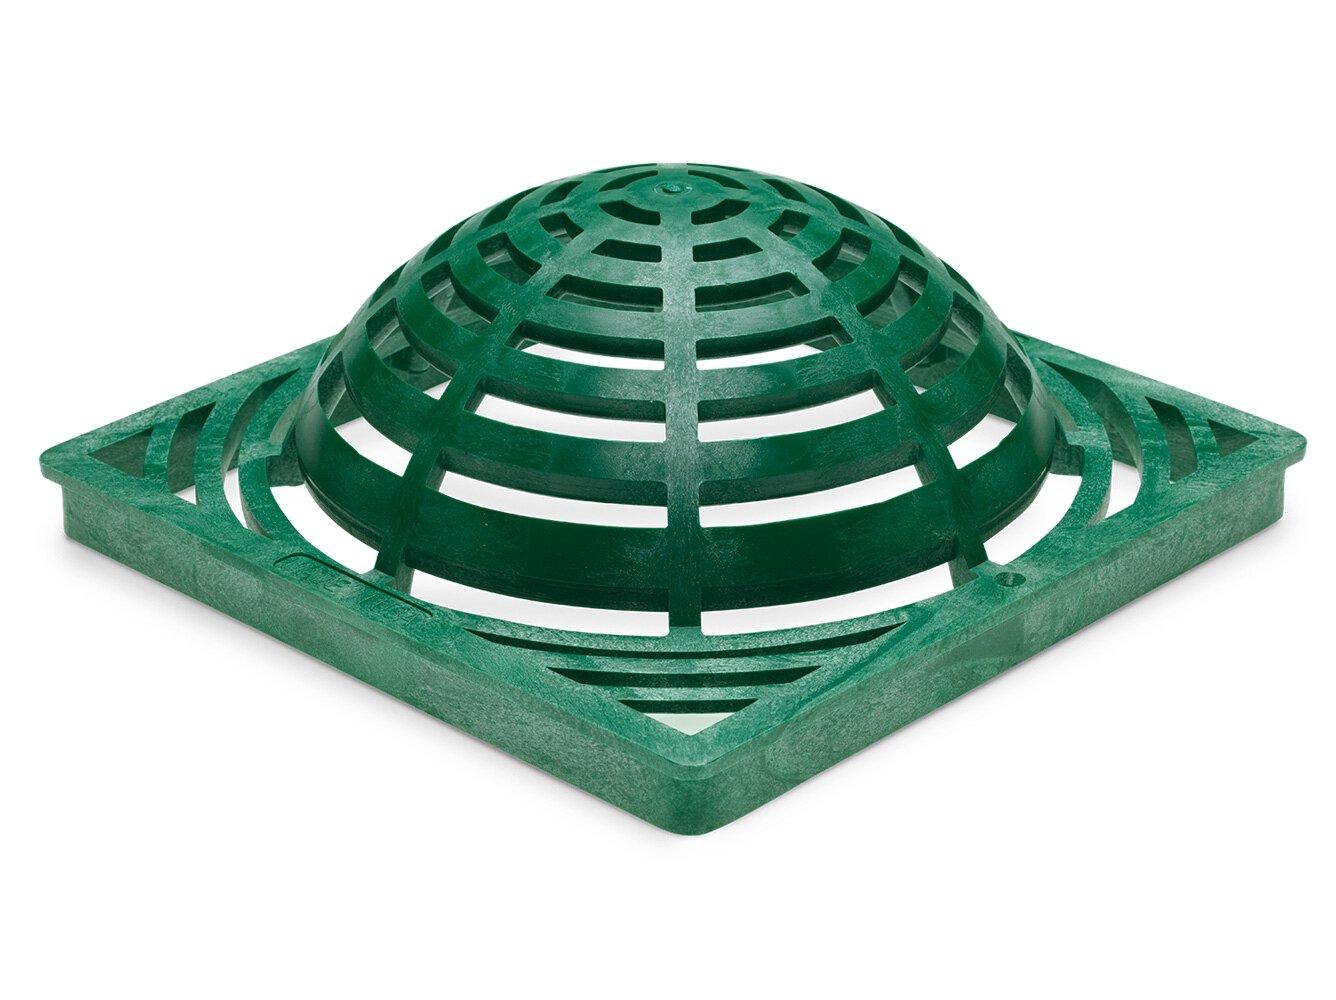 Rainbird Plastic Square Atrium Grate, Green, 9''